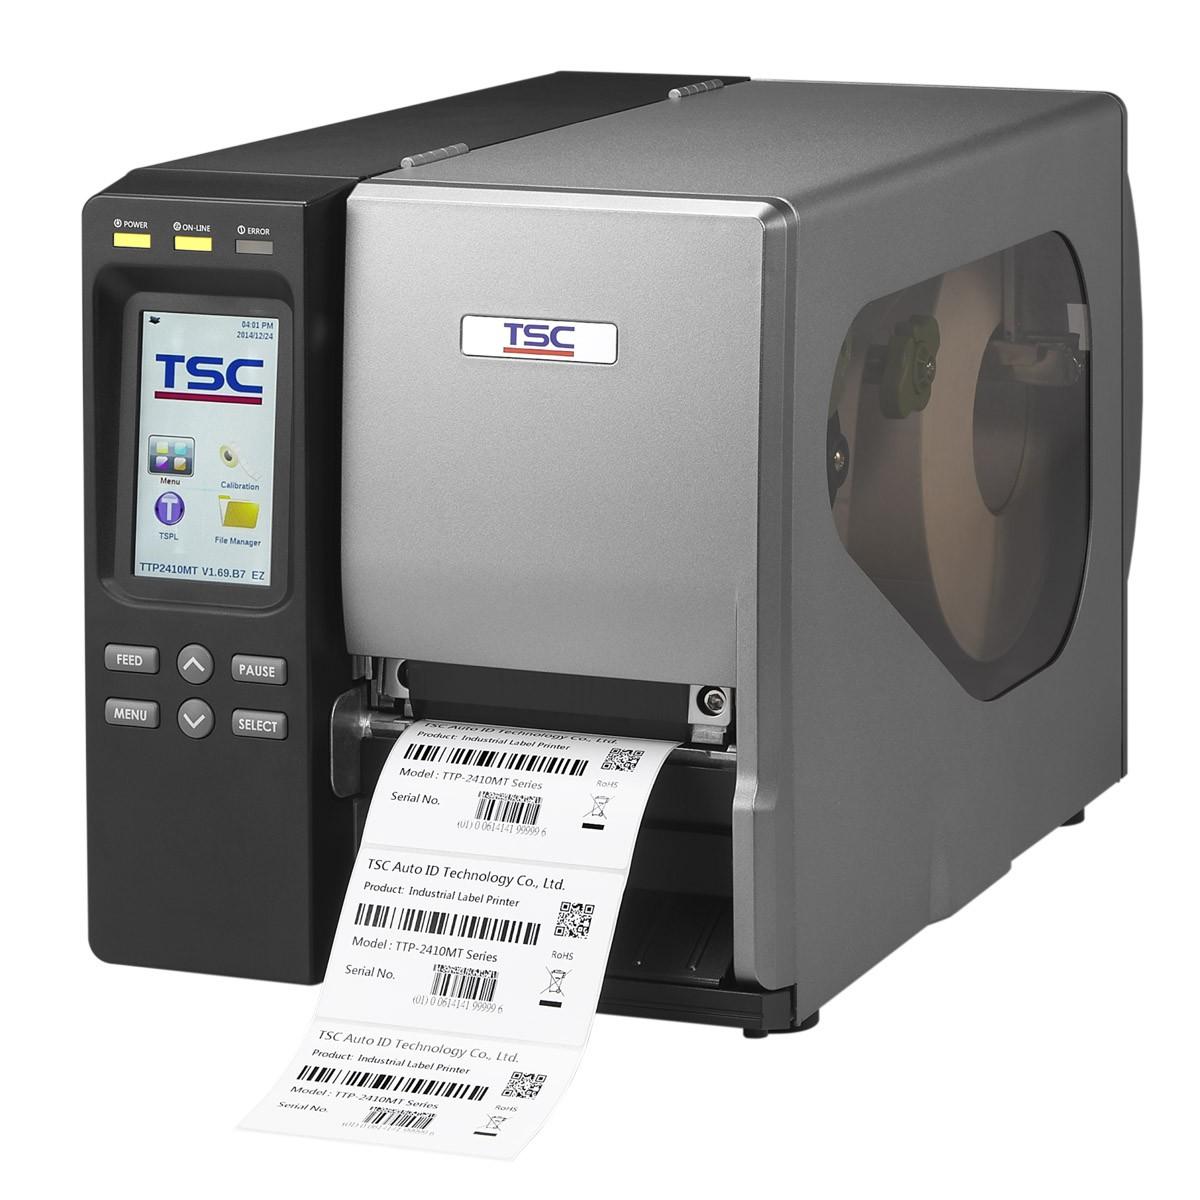 Impressora de Etiquetas Térmica Industrial - TTP-2410MT - TSC